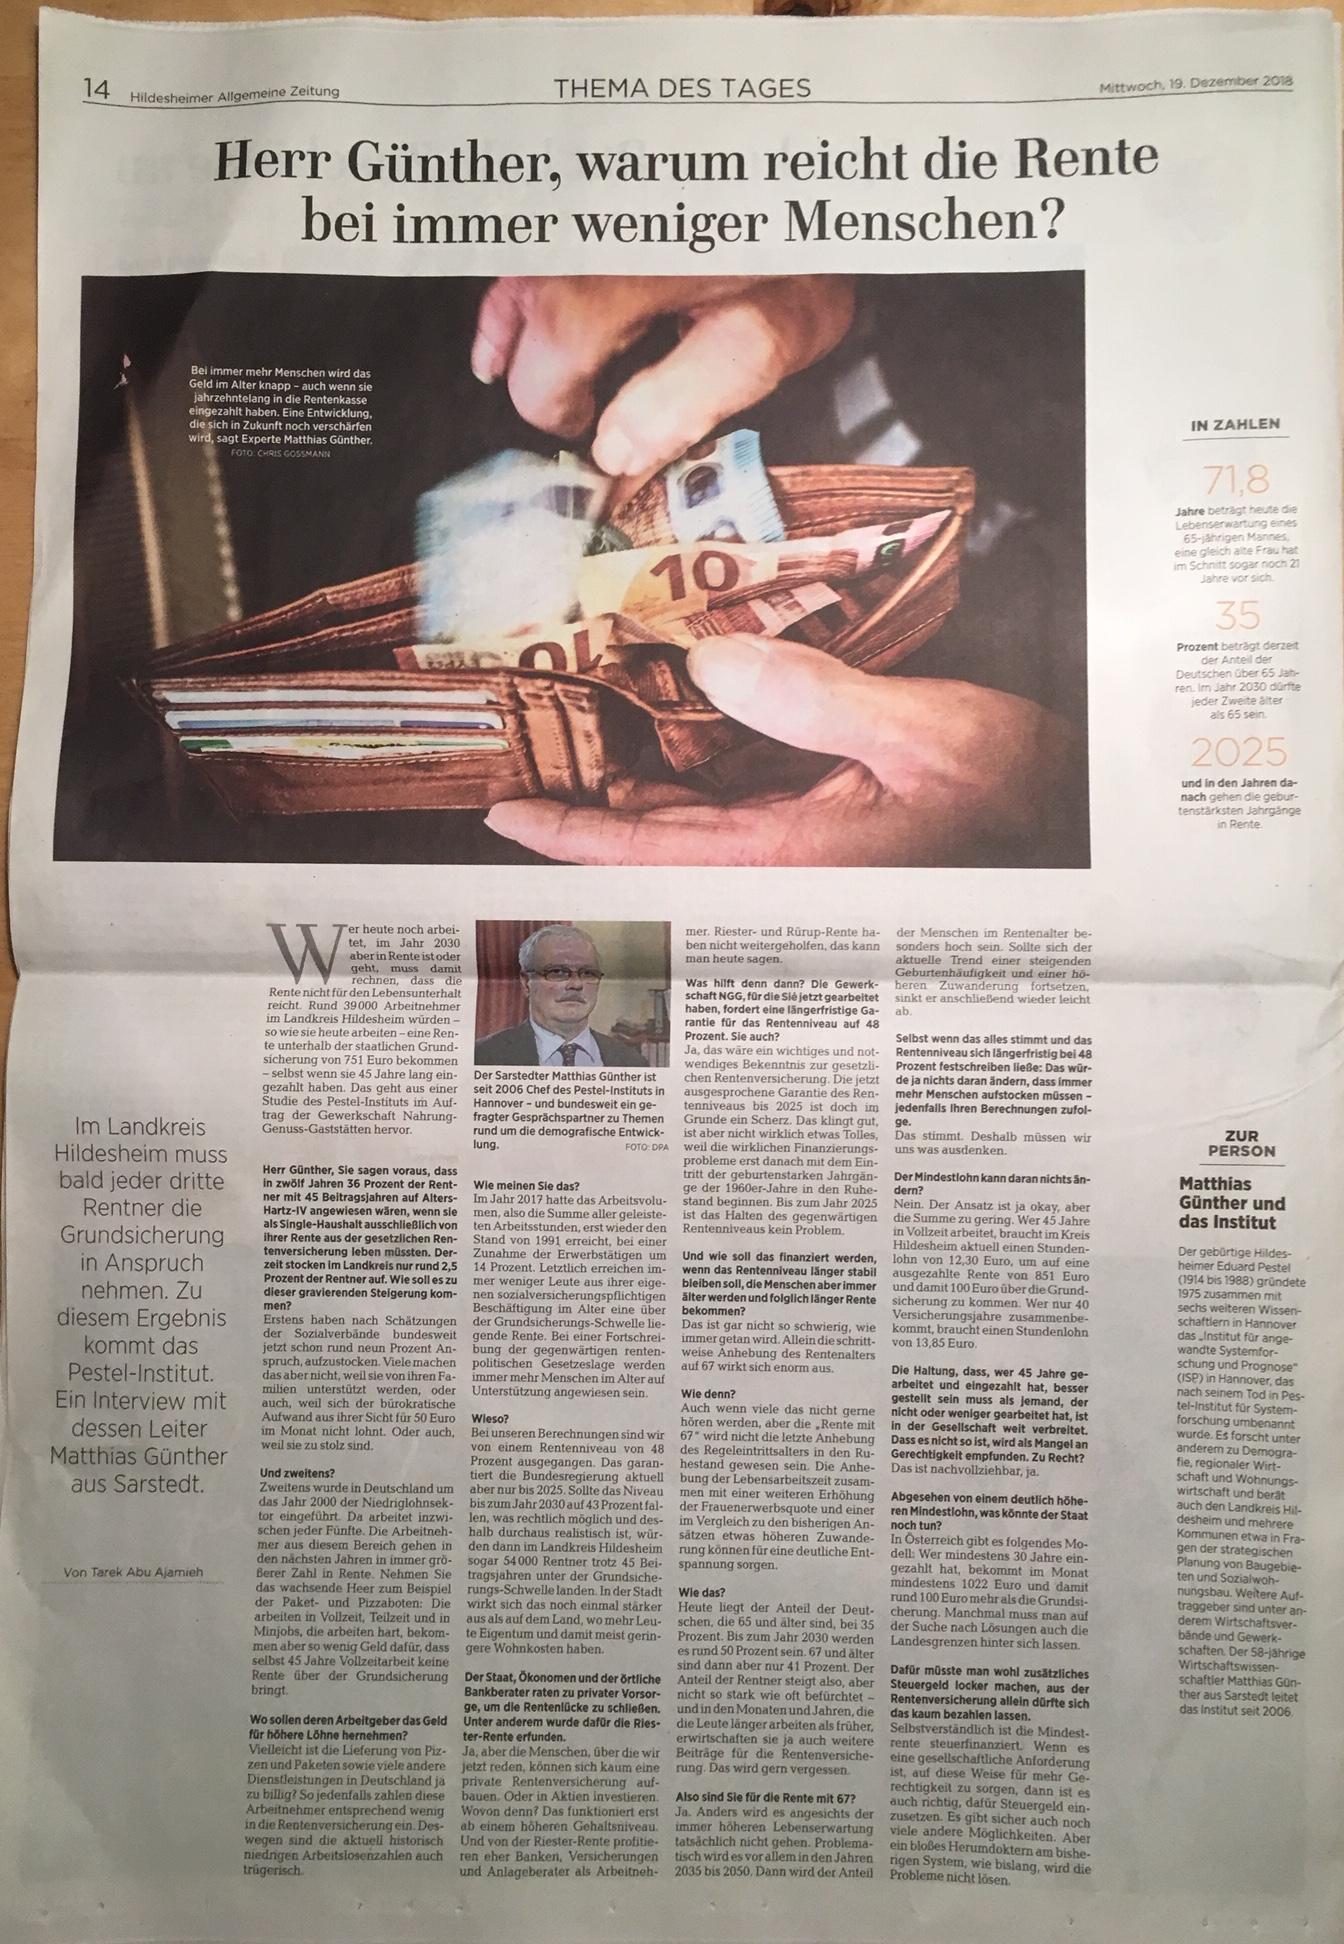 Hildesheimer_Allgemeine_Zeitung_19_12_2018